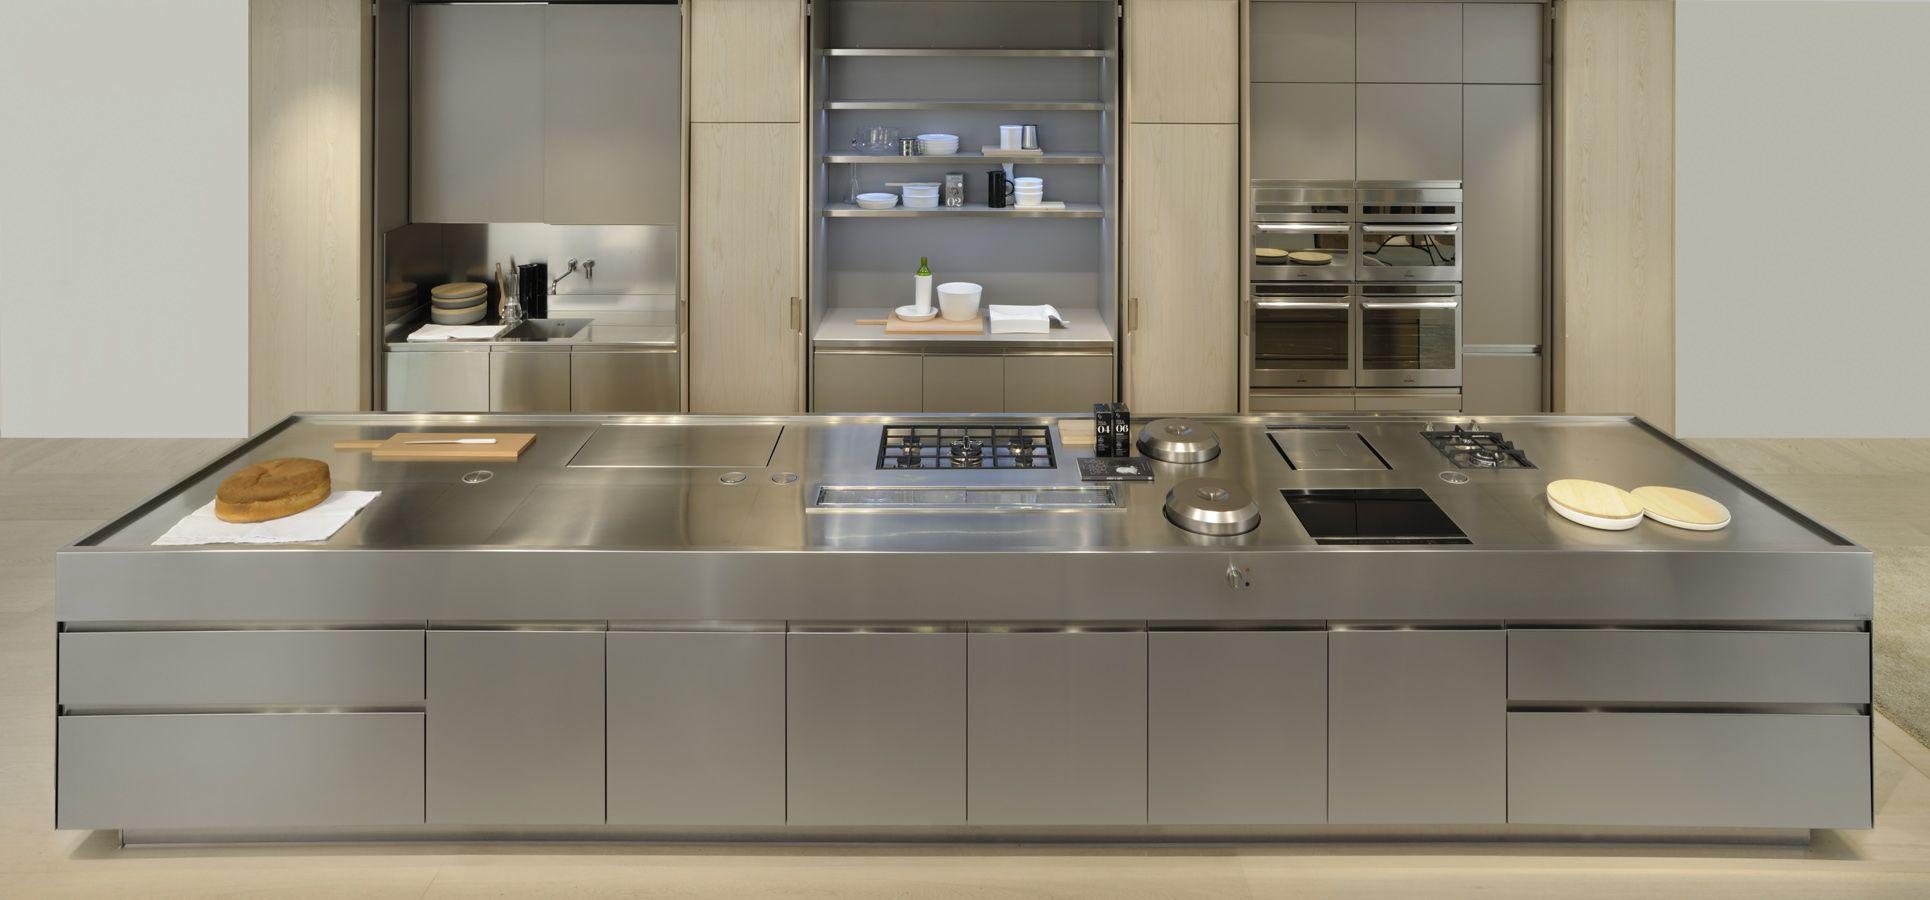 ac1db3c5388192c7aac922d6ebf6f05c.jpg (1930×900) | Kitchen ...